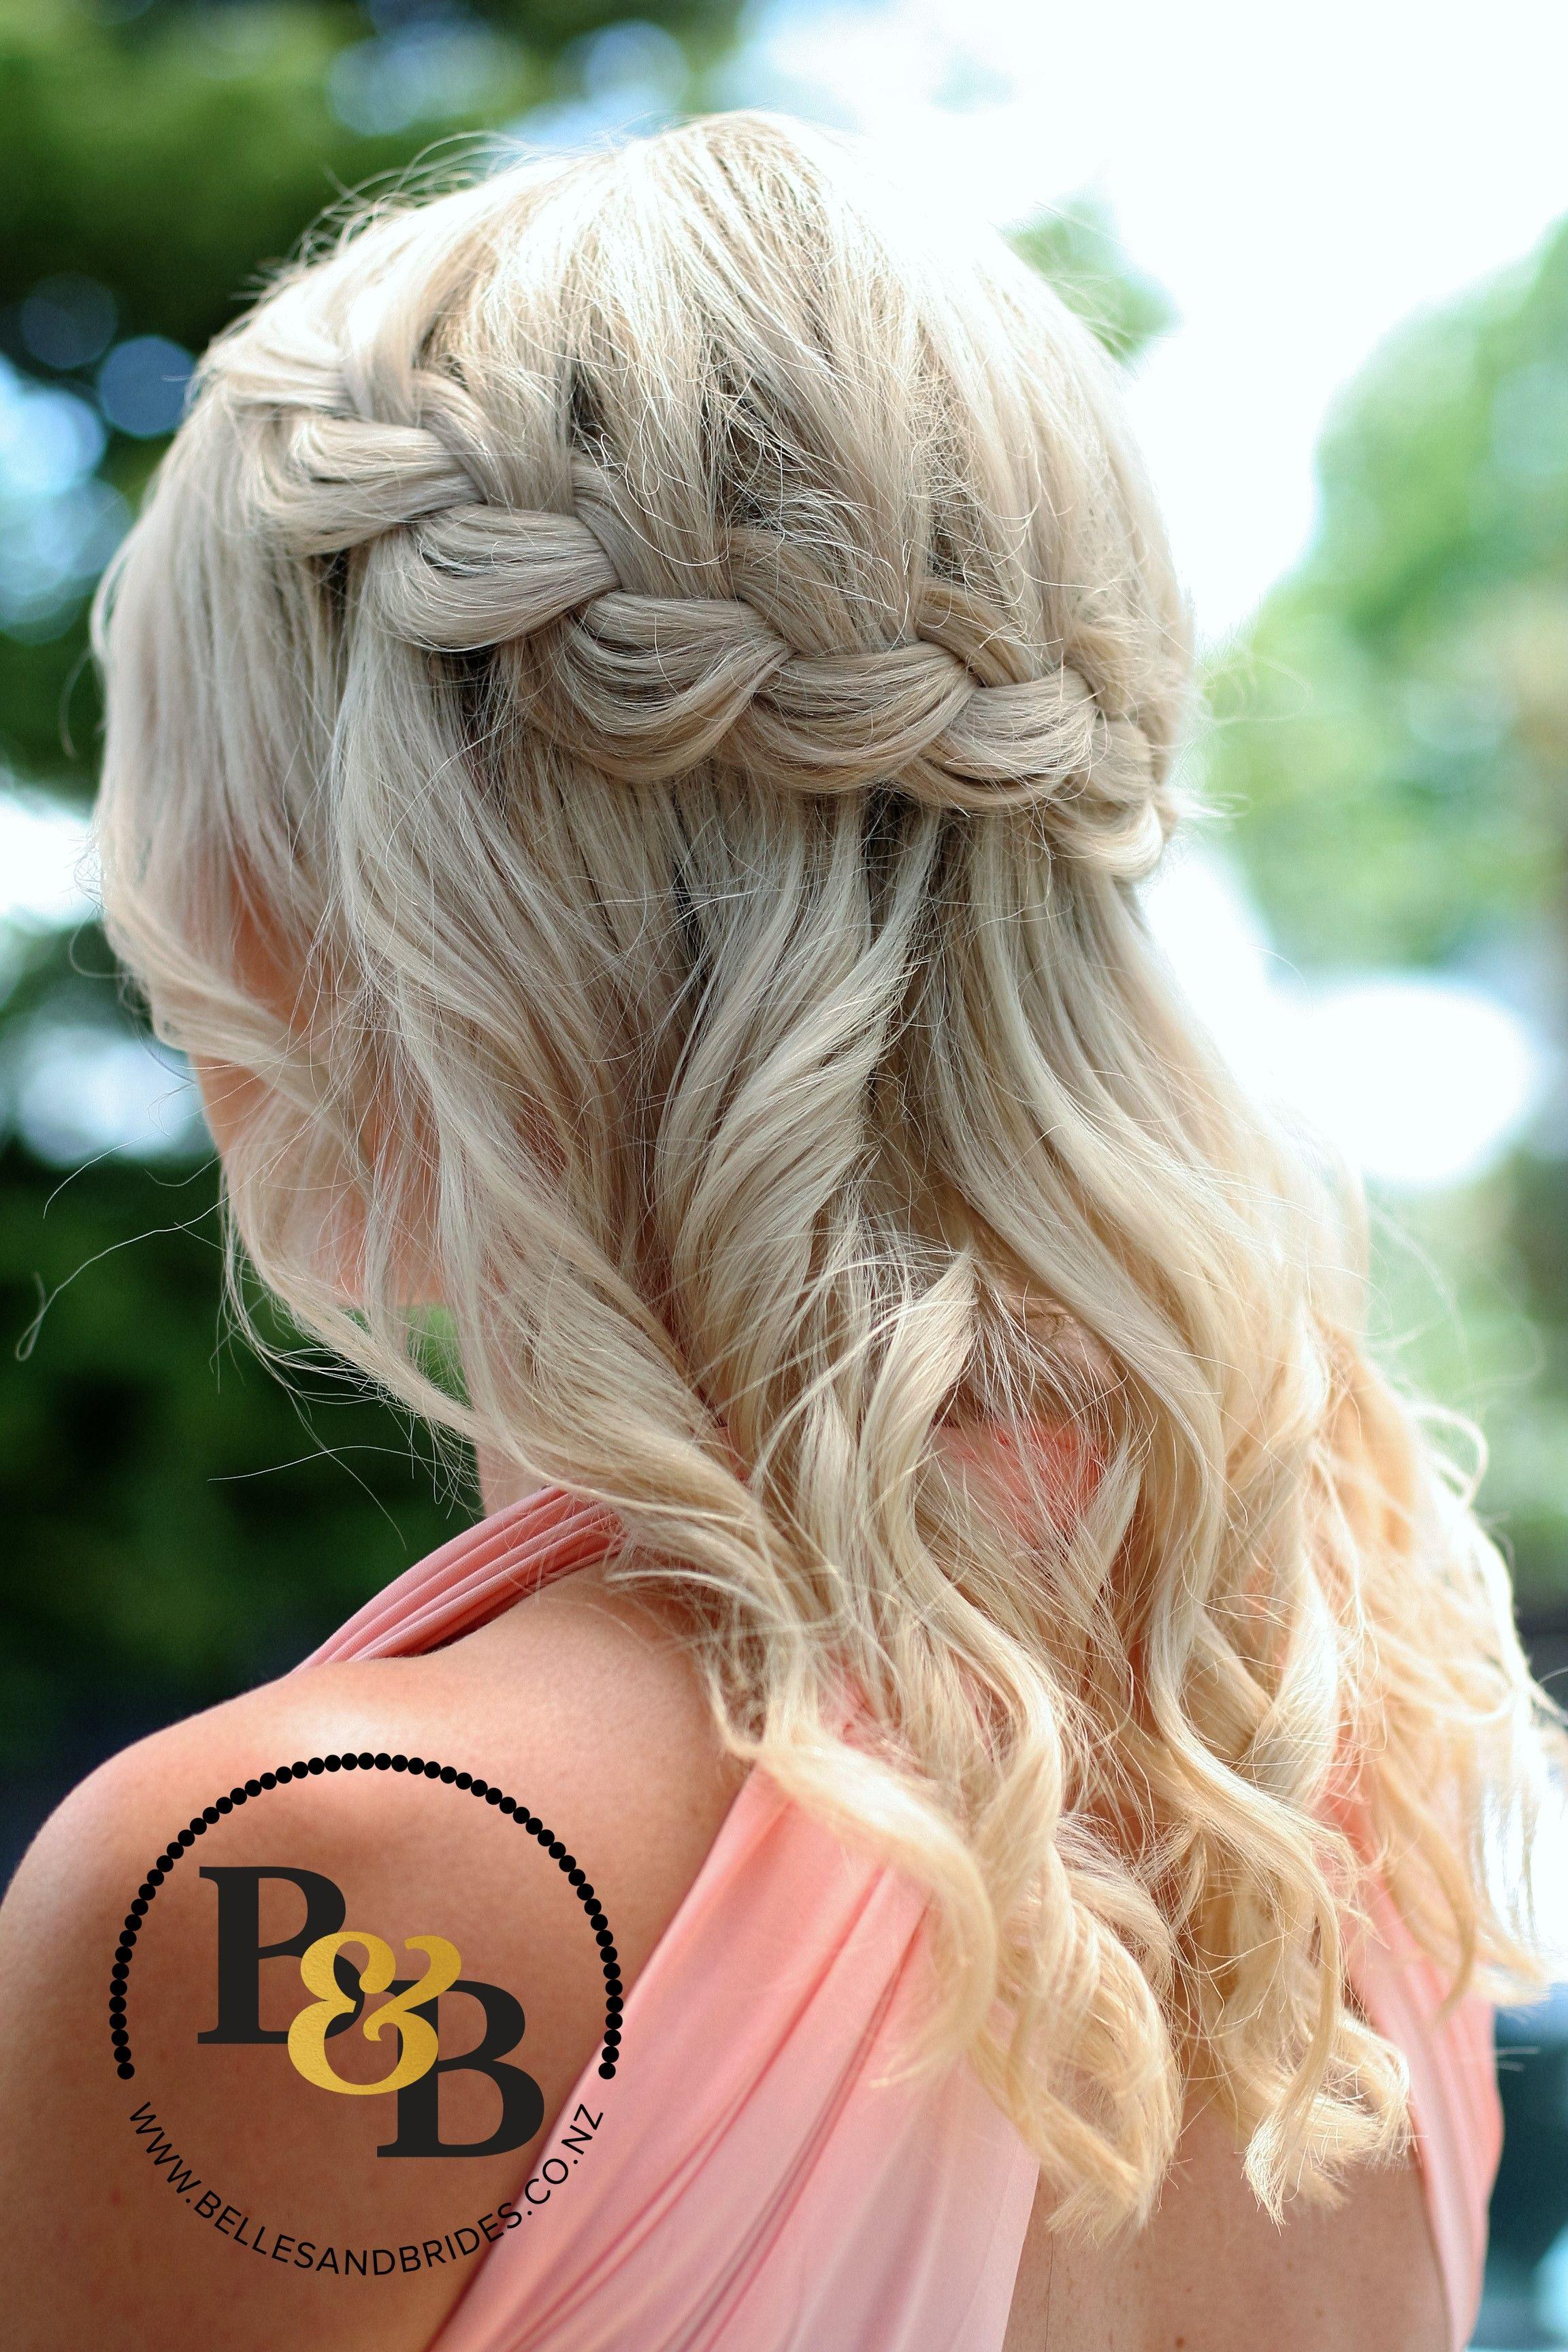 wedding hair / down style / hair down with braid / bridal